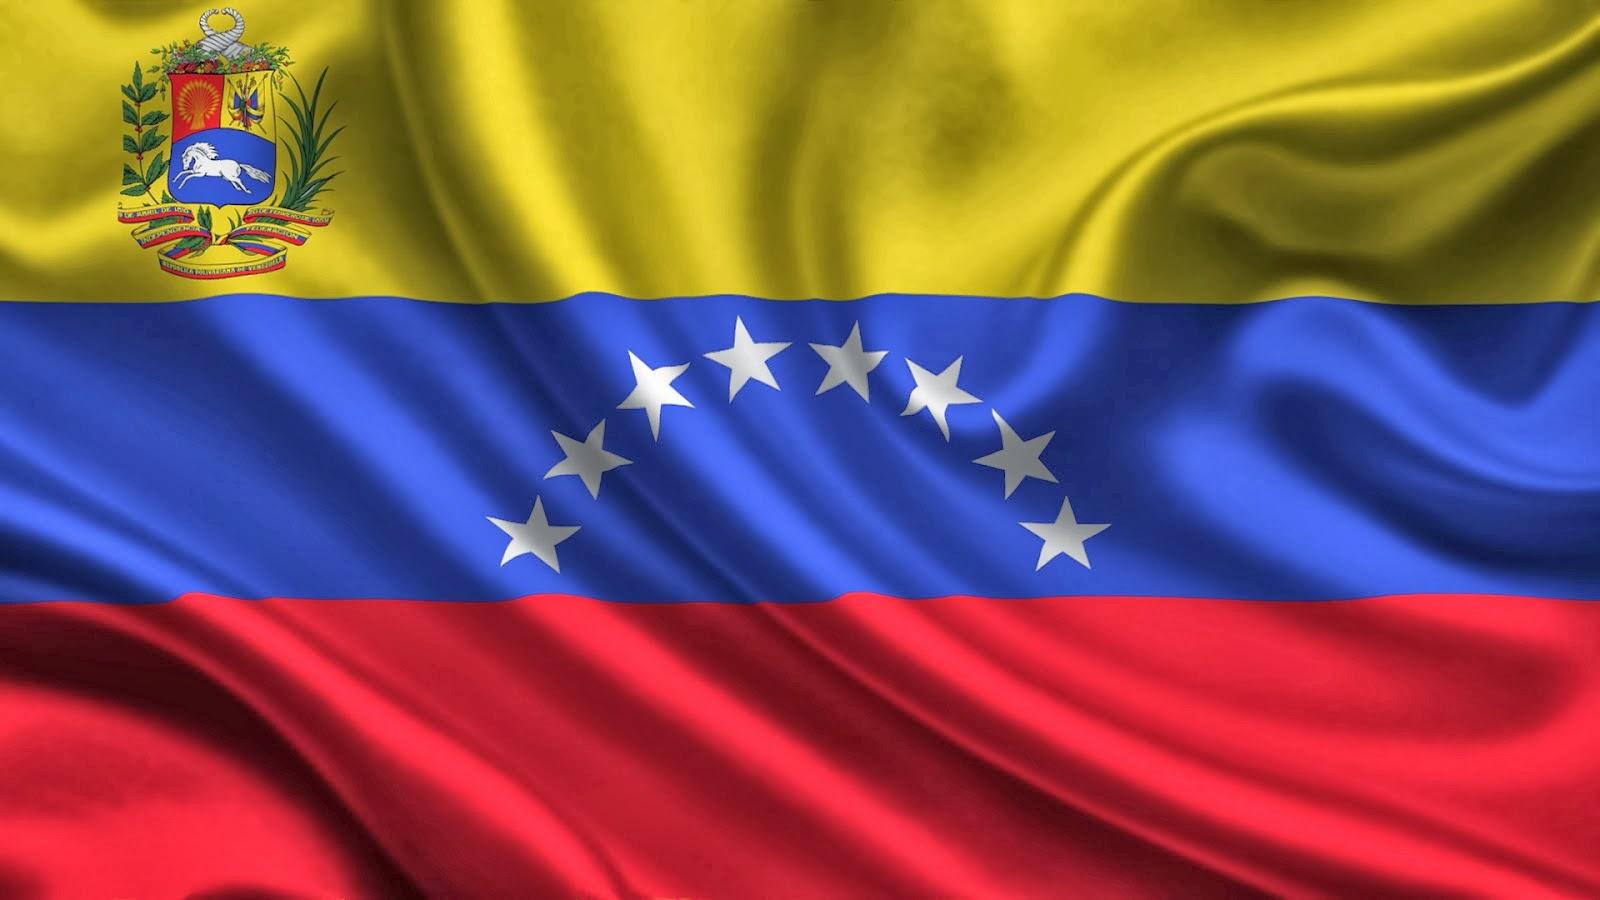 Déclaration du Gouvernement révolutionnaire : Il faut empêcher l'aventure militaire impérialiste contre le Venezuela